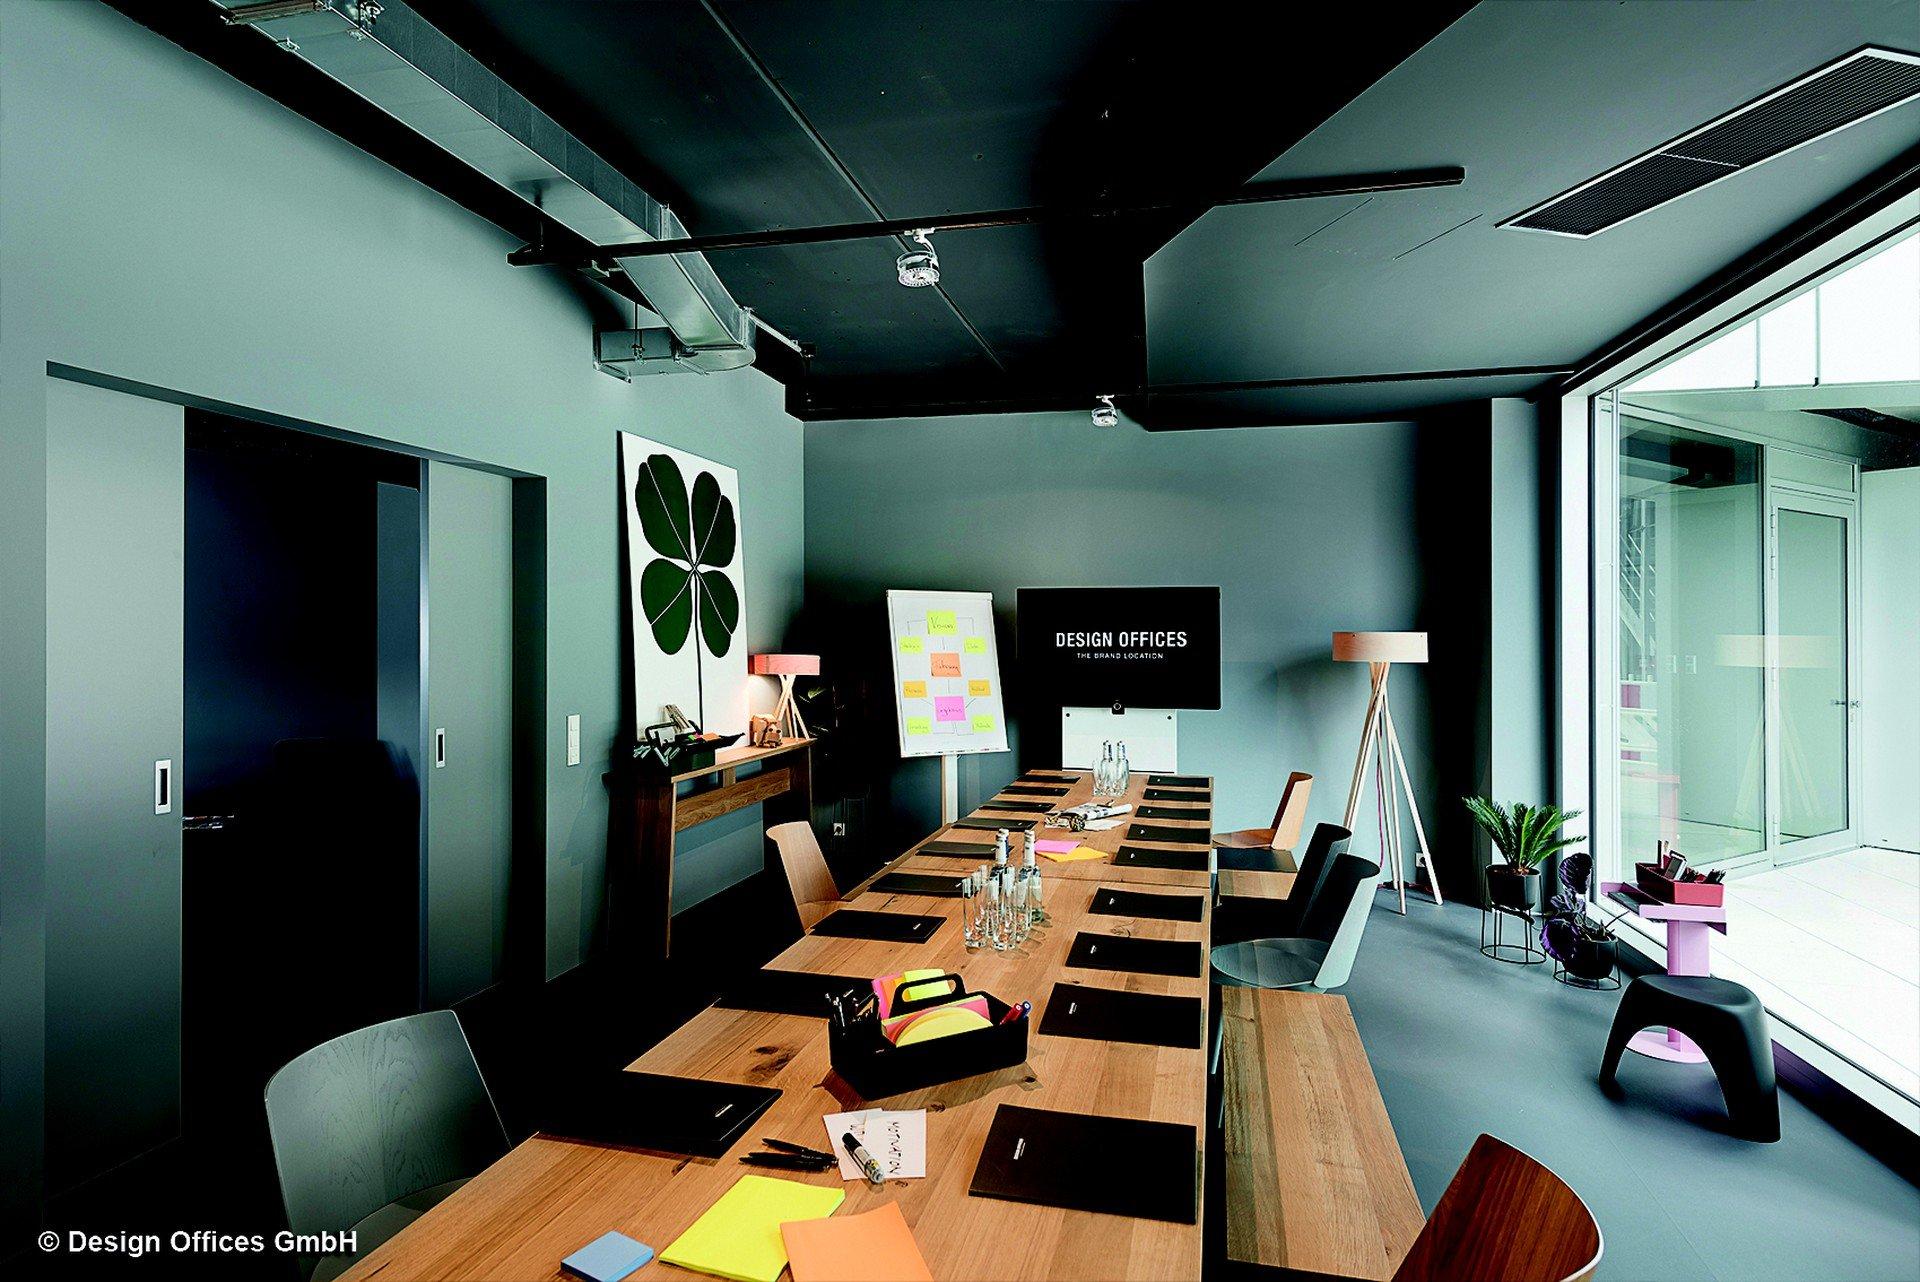 Stuttgart Besprechungsräume Meetingraum designofficestower-PR DO Eatery image 0